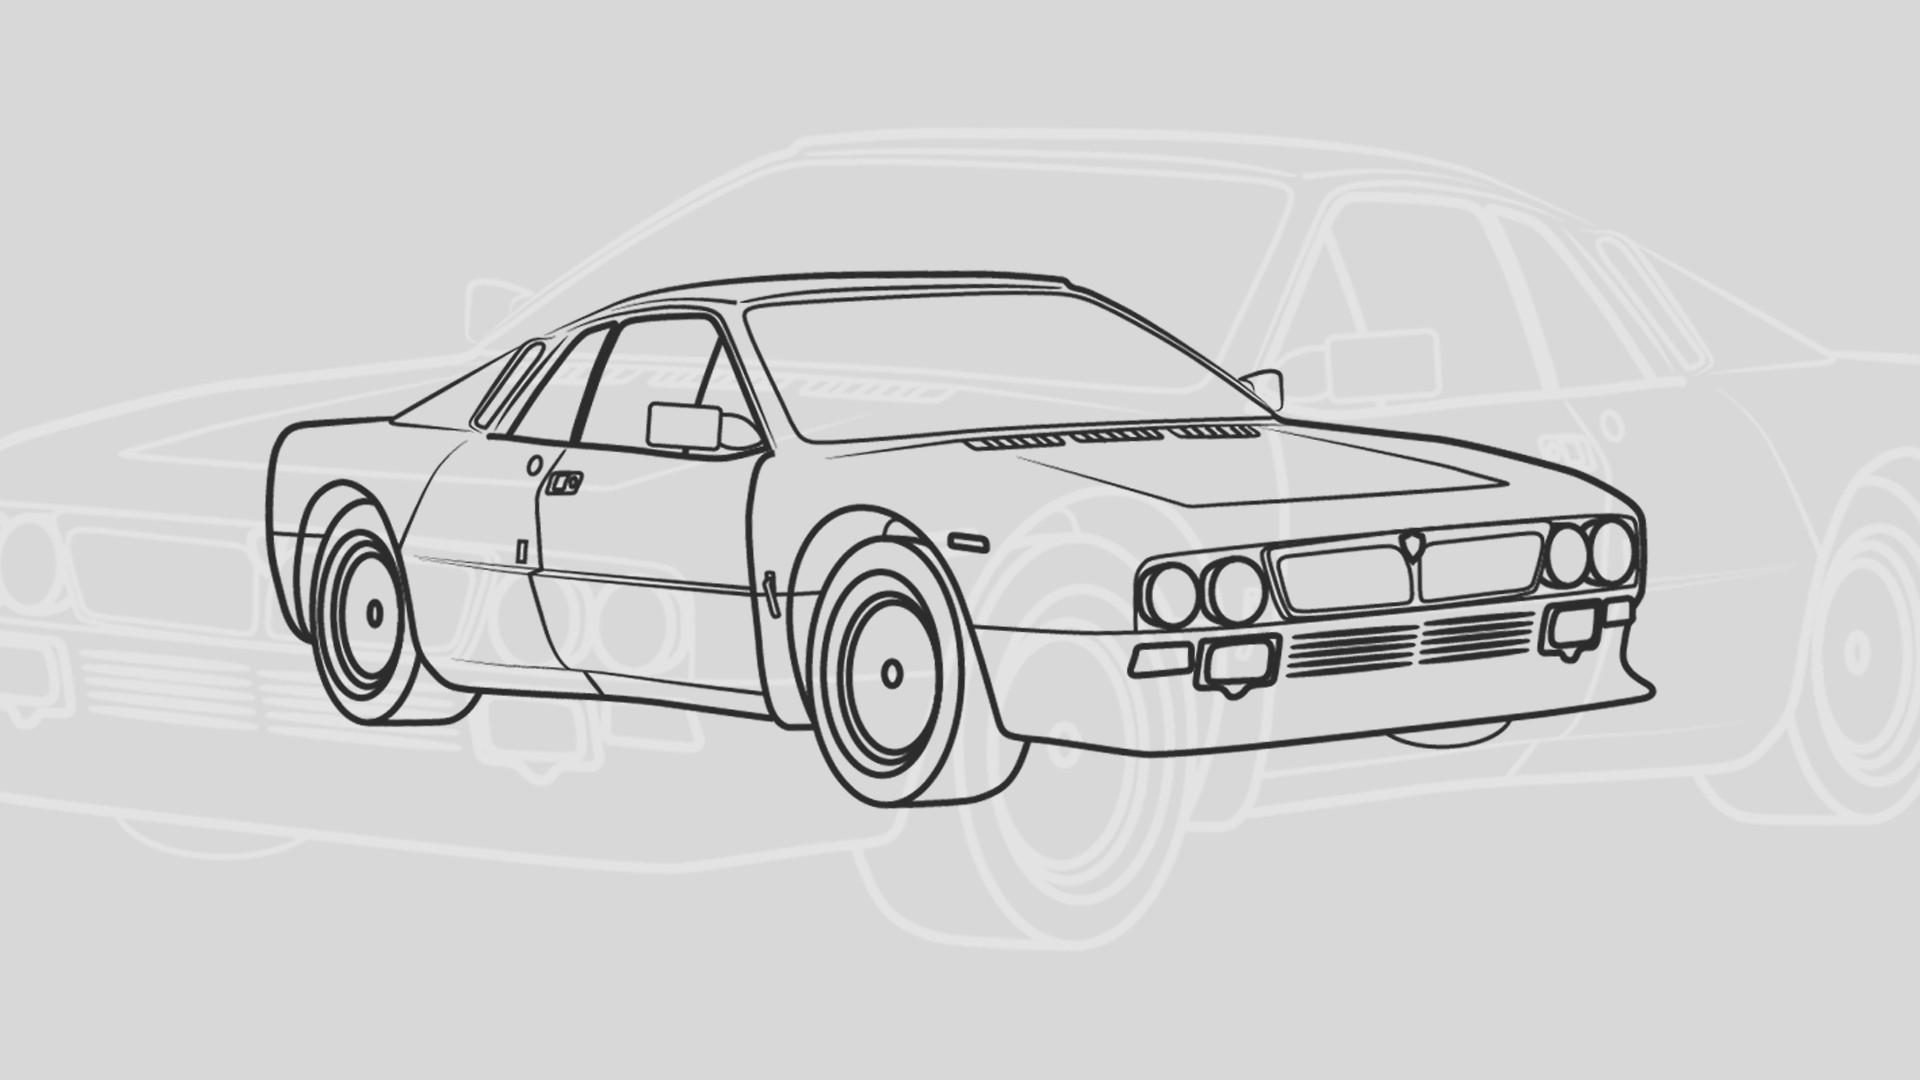 Fondos de pantalla dibujo ilustraci n veh culo for Design semplice del garage